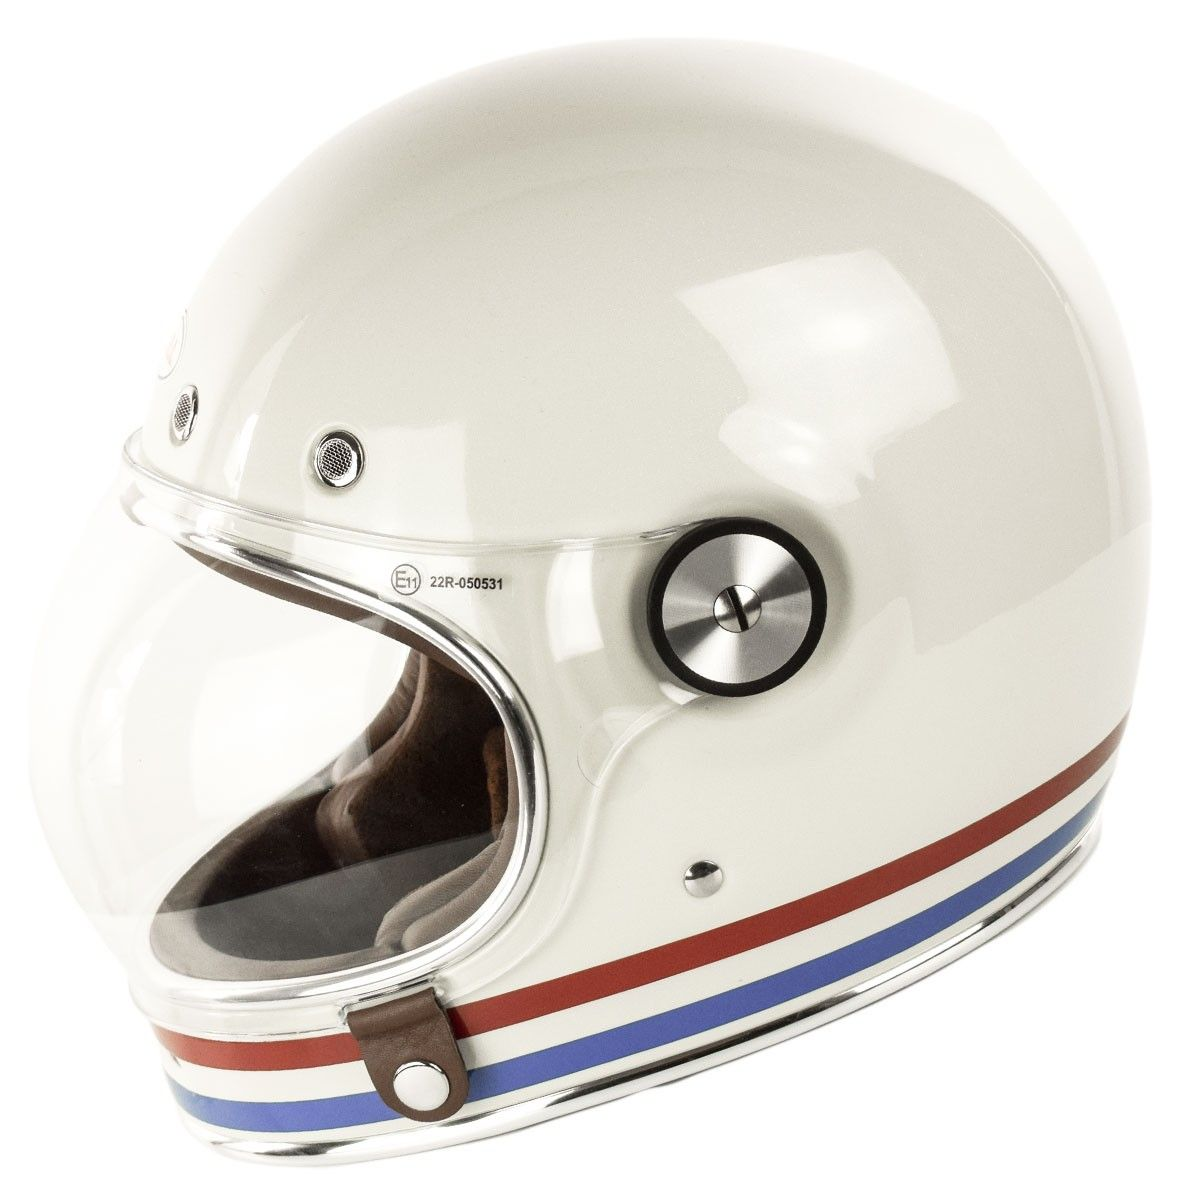 The Bike Exif Online Store Bike Exif Helmet Bike Exif Retro Helmet